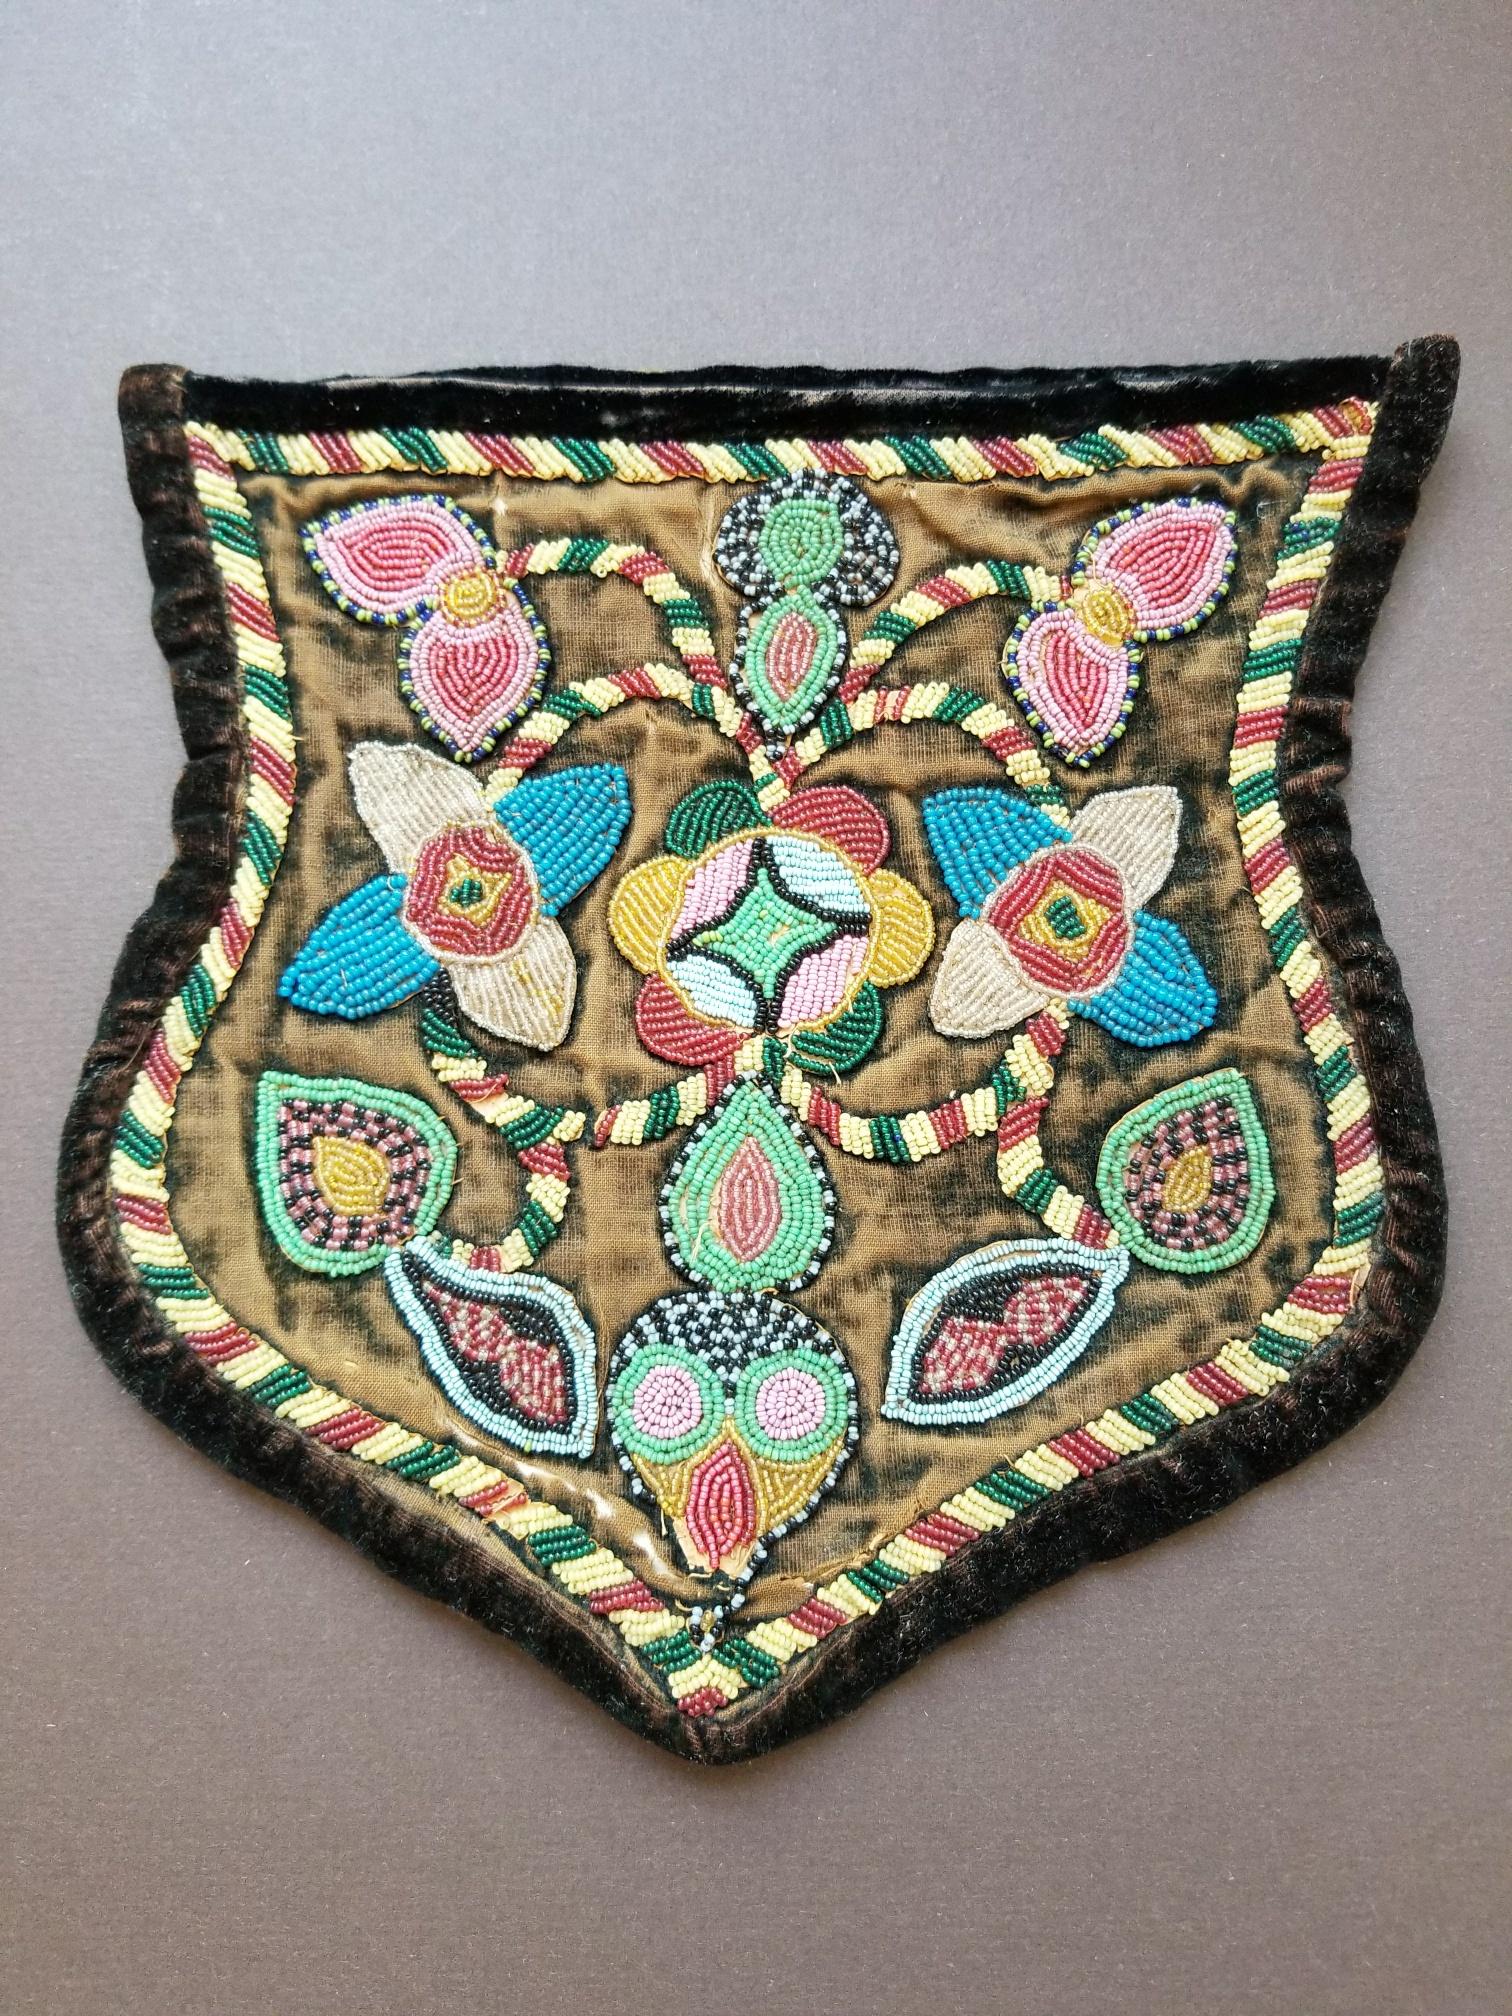 # Iroquois beadwork, ca. 1890